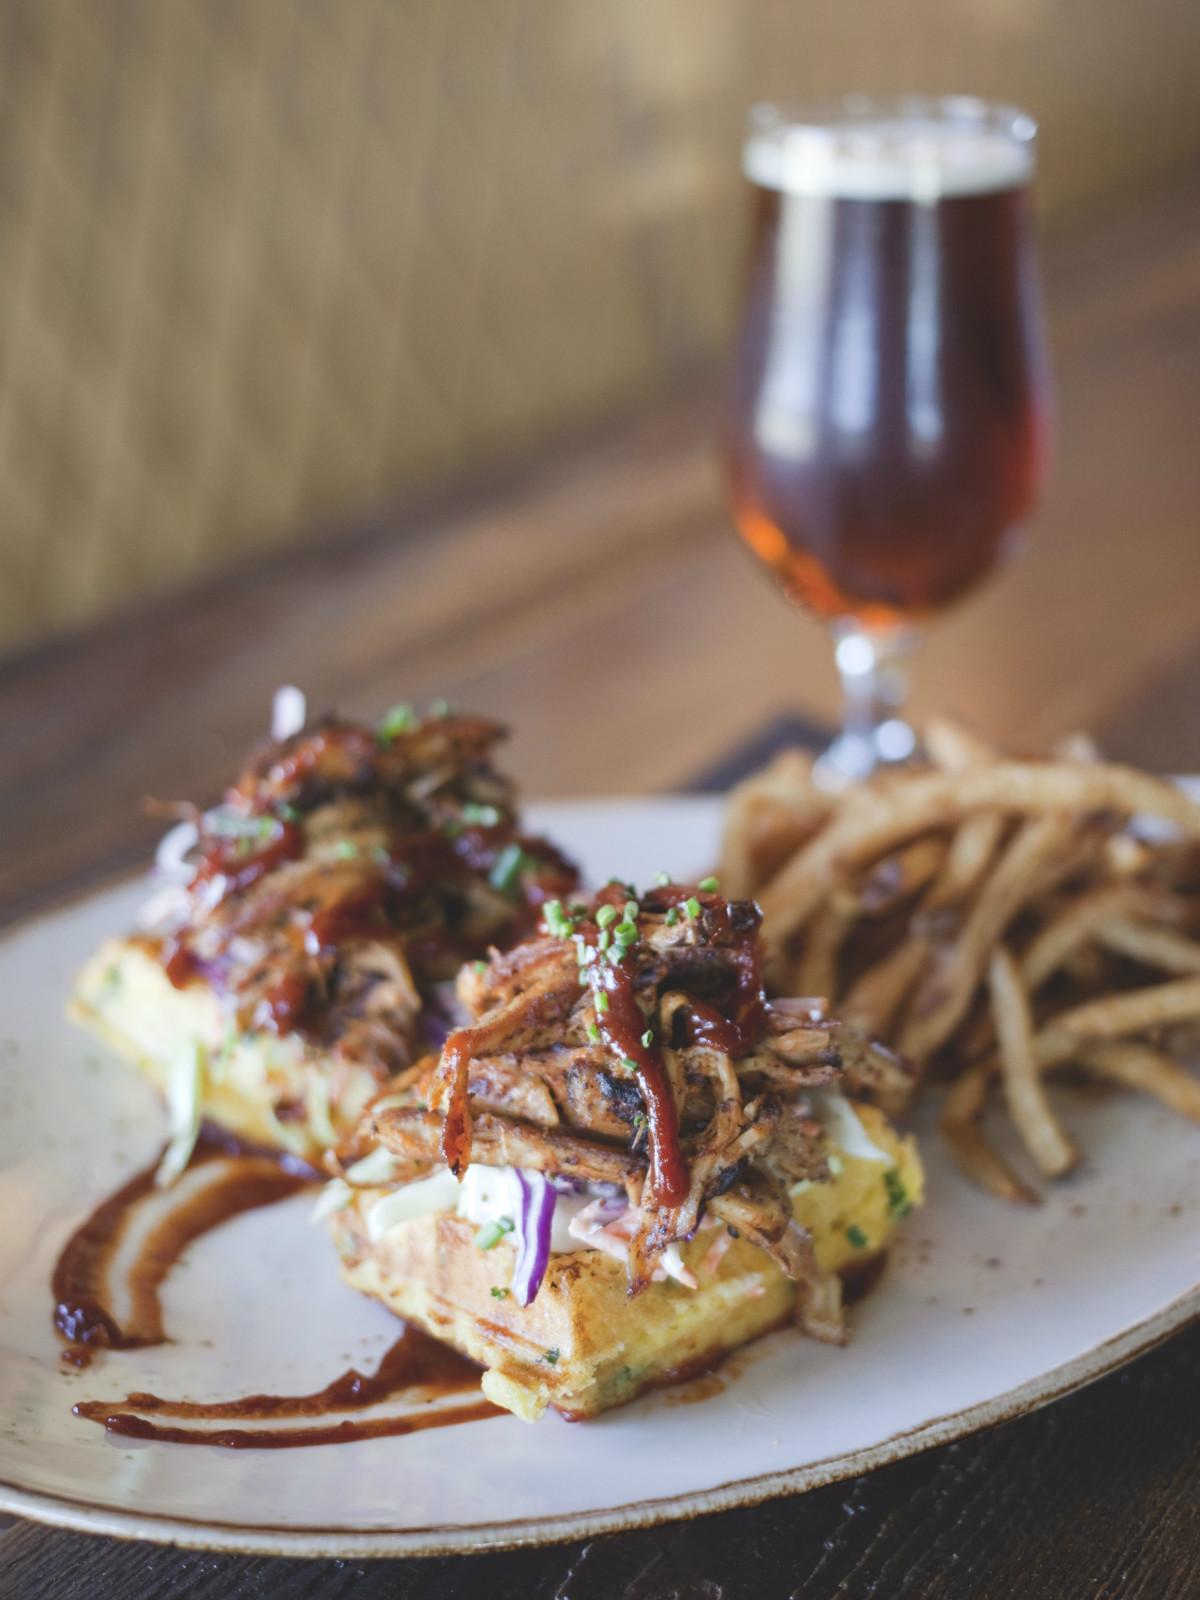 Pork sandwich and beer at Blatt Beer & Table